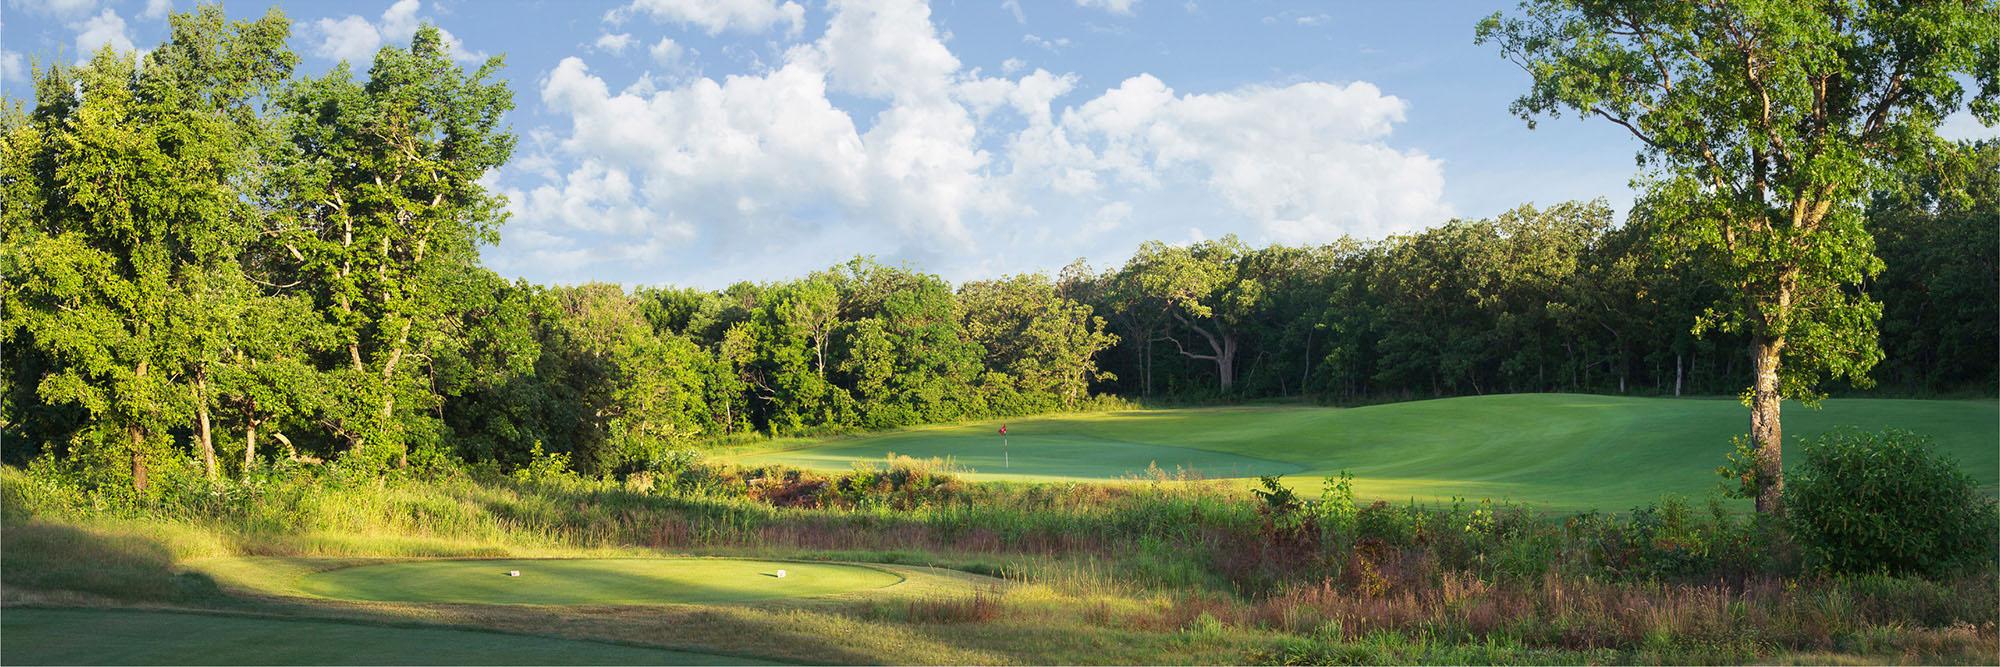 Golf Course Image - Patriot No. 13